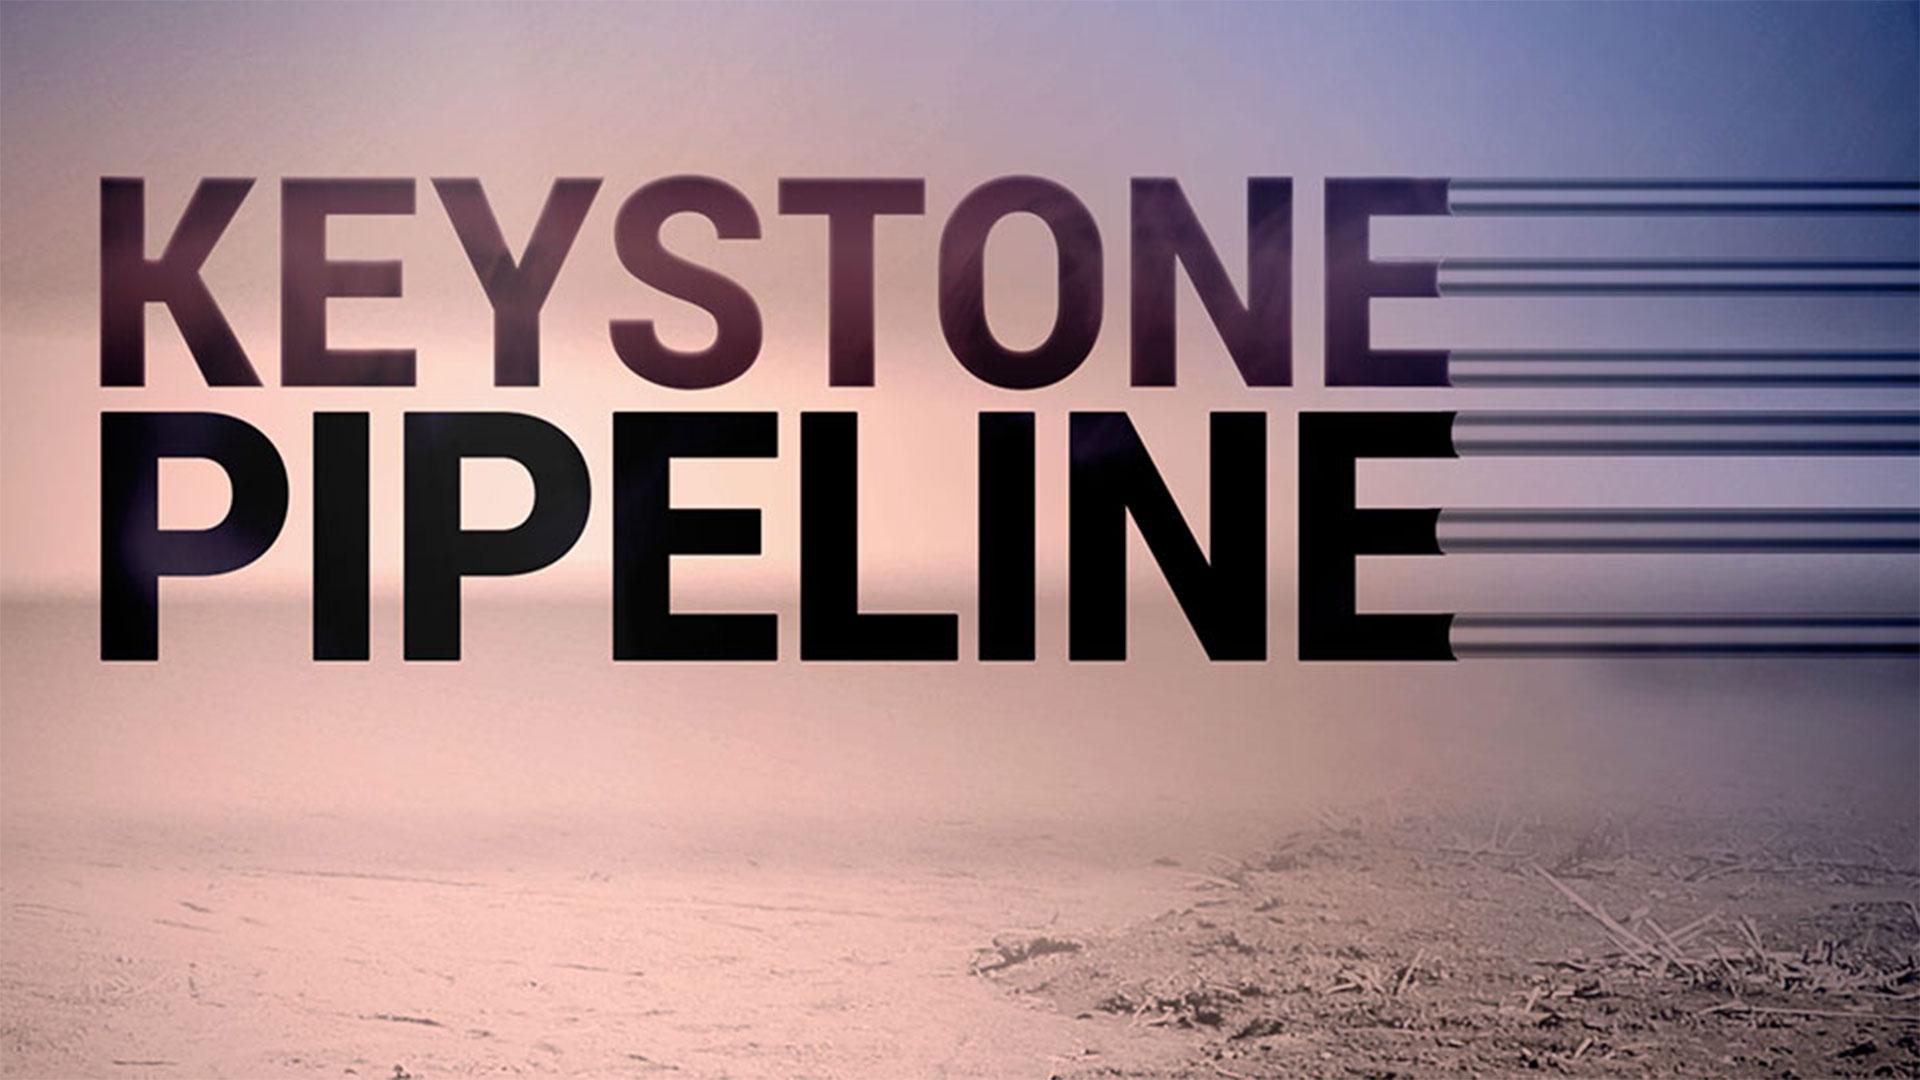 KELO Keystone Pipeline